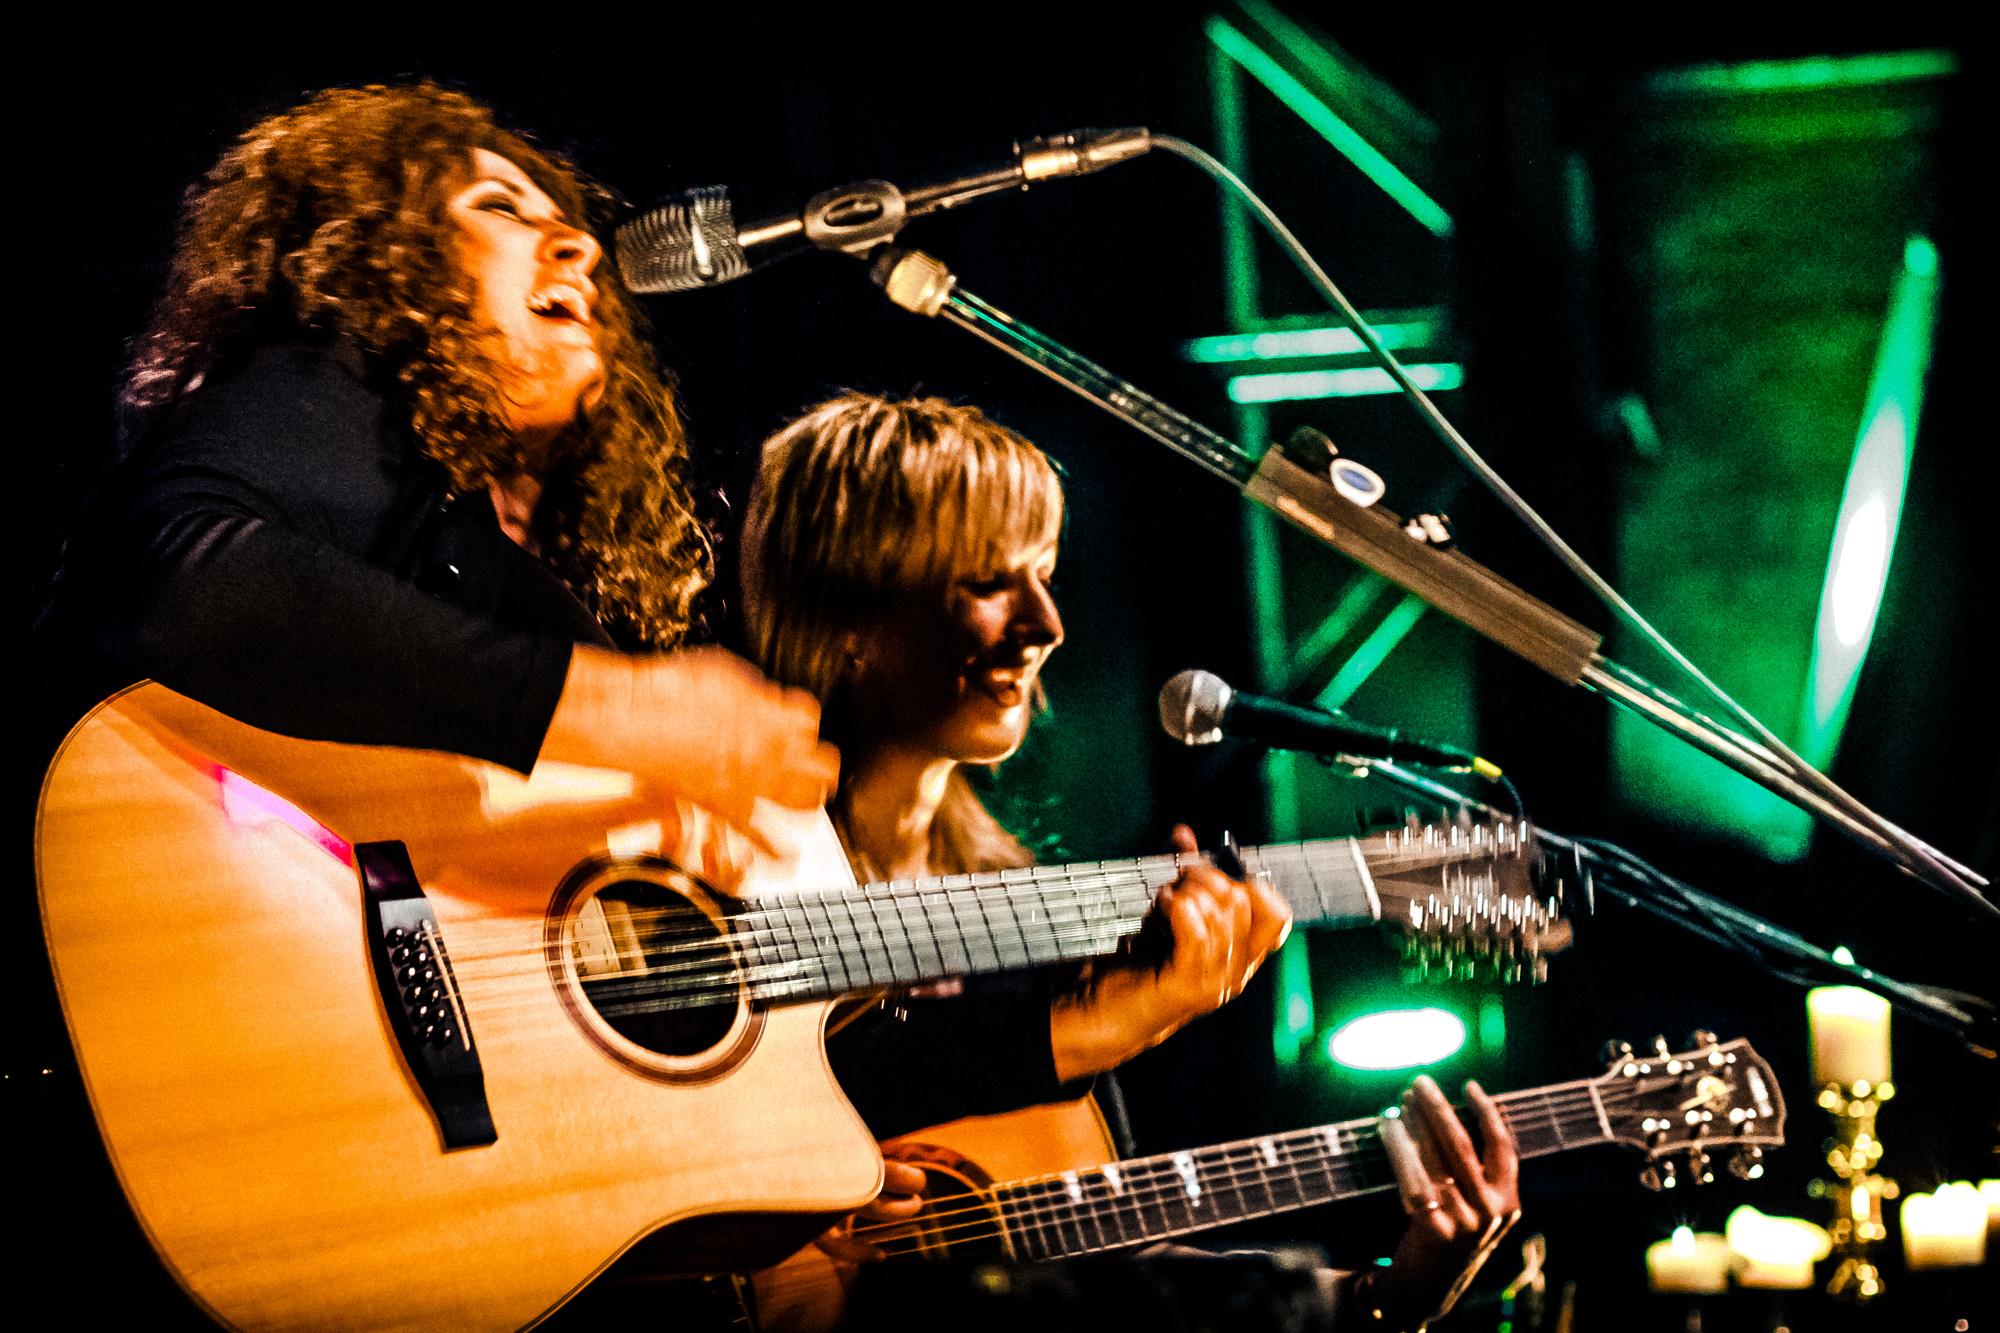 Anne Haigis spielt am 11. November 2017 in Halberstadt